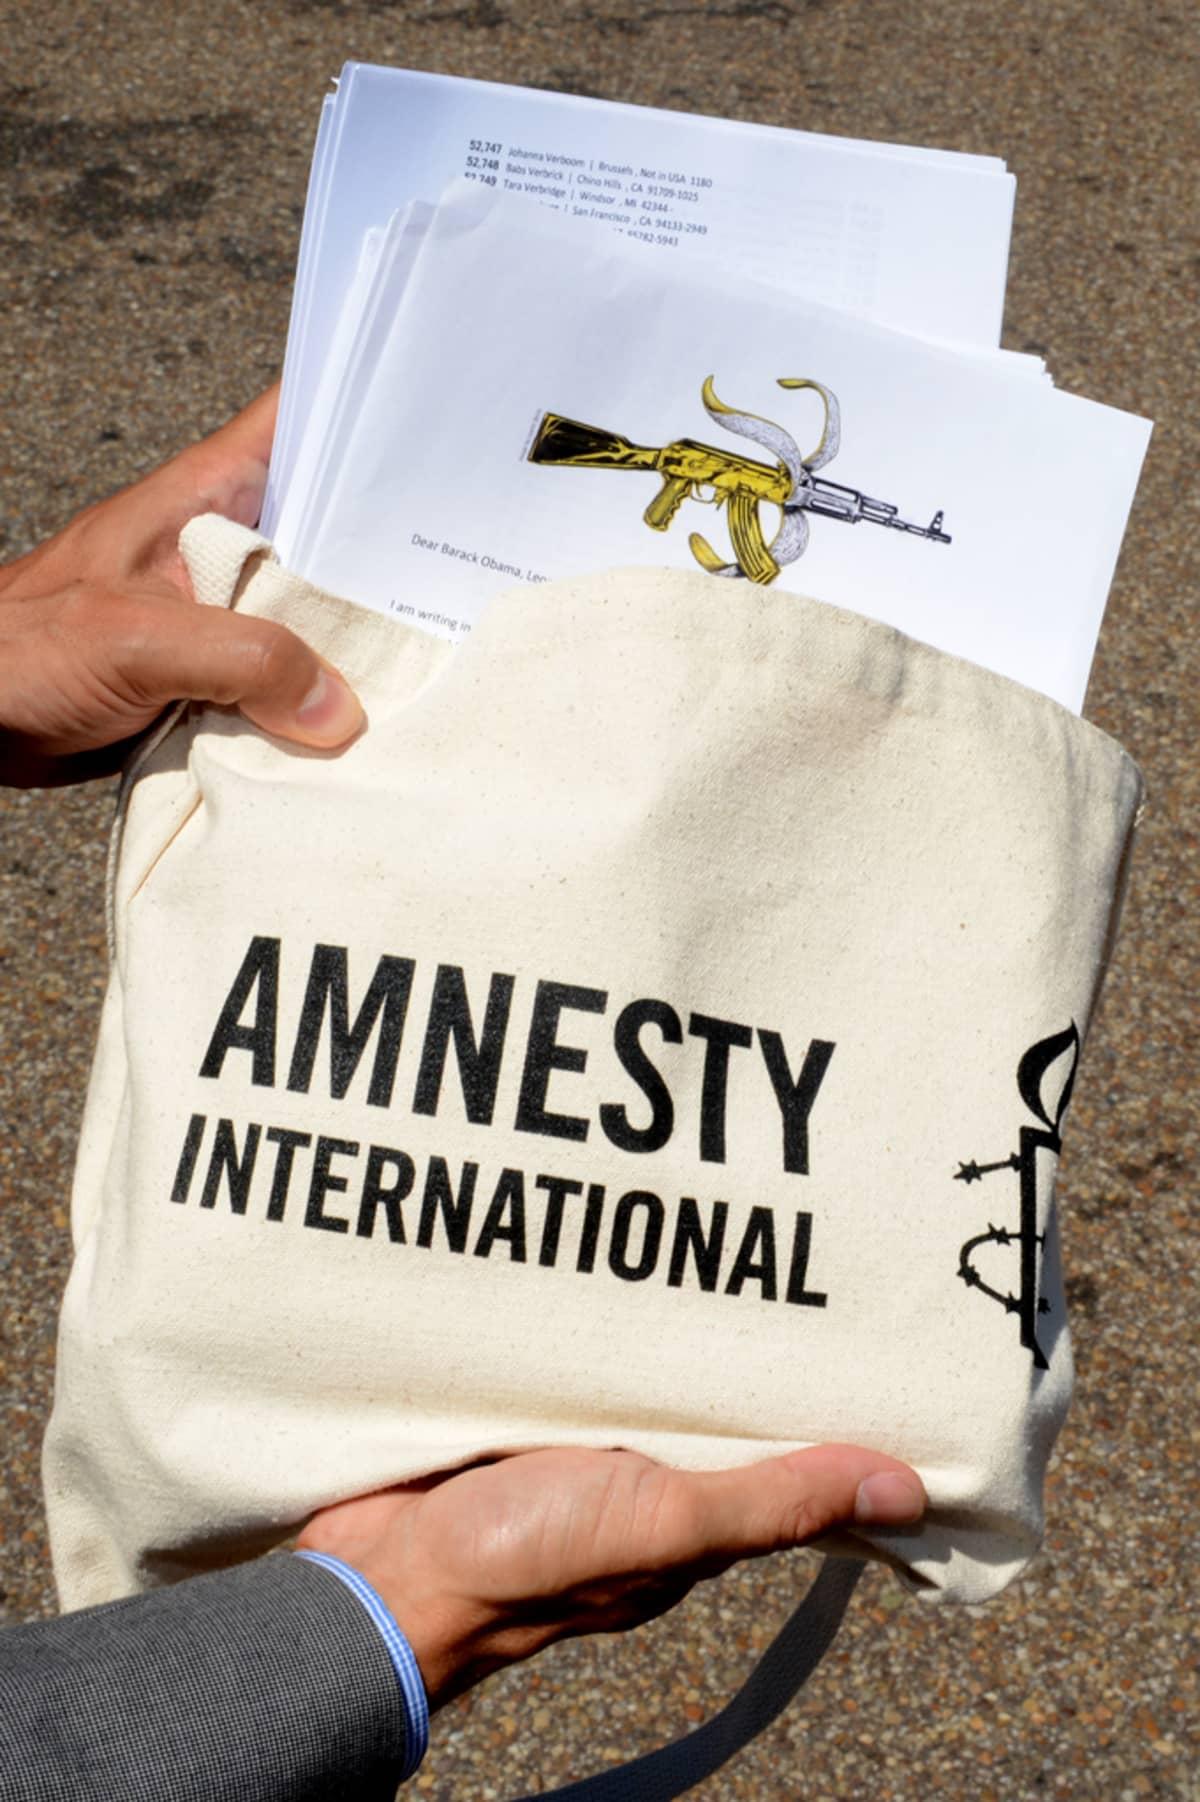 """Rauhanjärjestöt ympäri maailmaa toivovat asekauppasopimuksen etenevän - Amnesty International keräsi 60 000 nimen vetoomuksen, jossa vaaditaan estettäviksi """"sellaiset asesiirrot, jotka todennäköisesti johtavat vakaviin ihmisoikeusloukkauksiin, sotarikoksiin tai köyhyyteen."""" (Amnesty International)."""